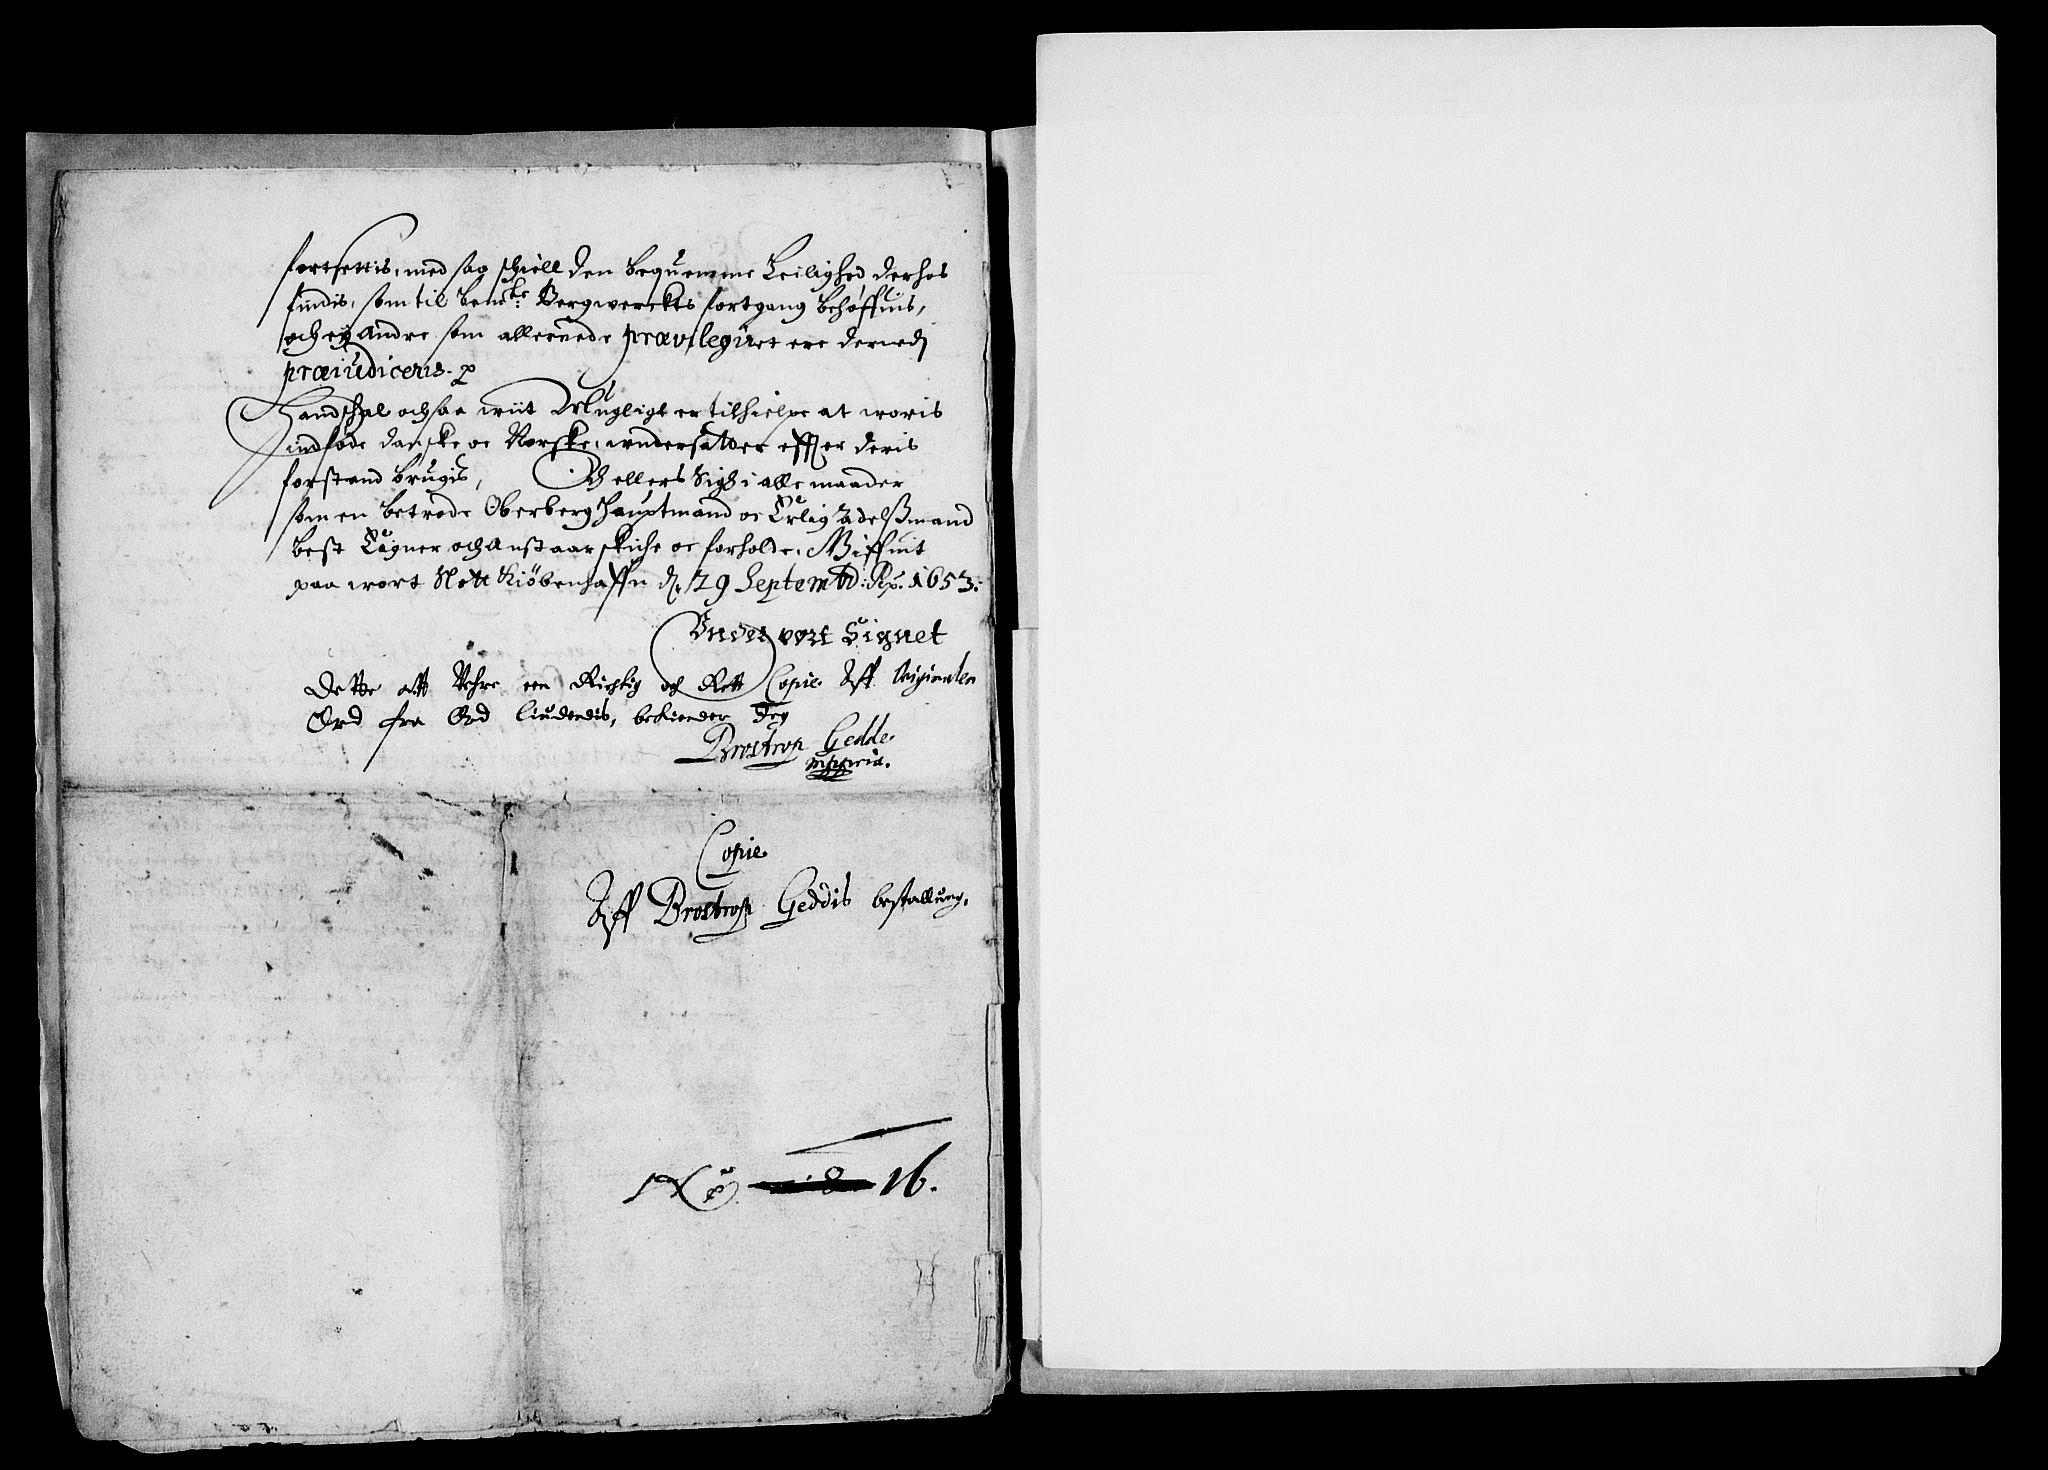 RA, Danske Kanselli, Skapsaker, G/L0019: Tillegg til skapsakene, 1616-1753, s. 195